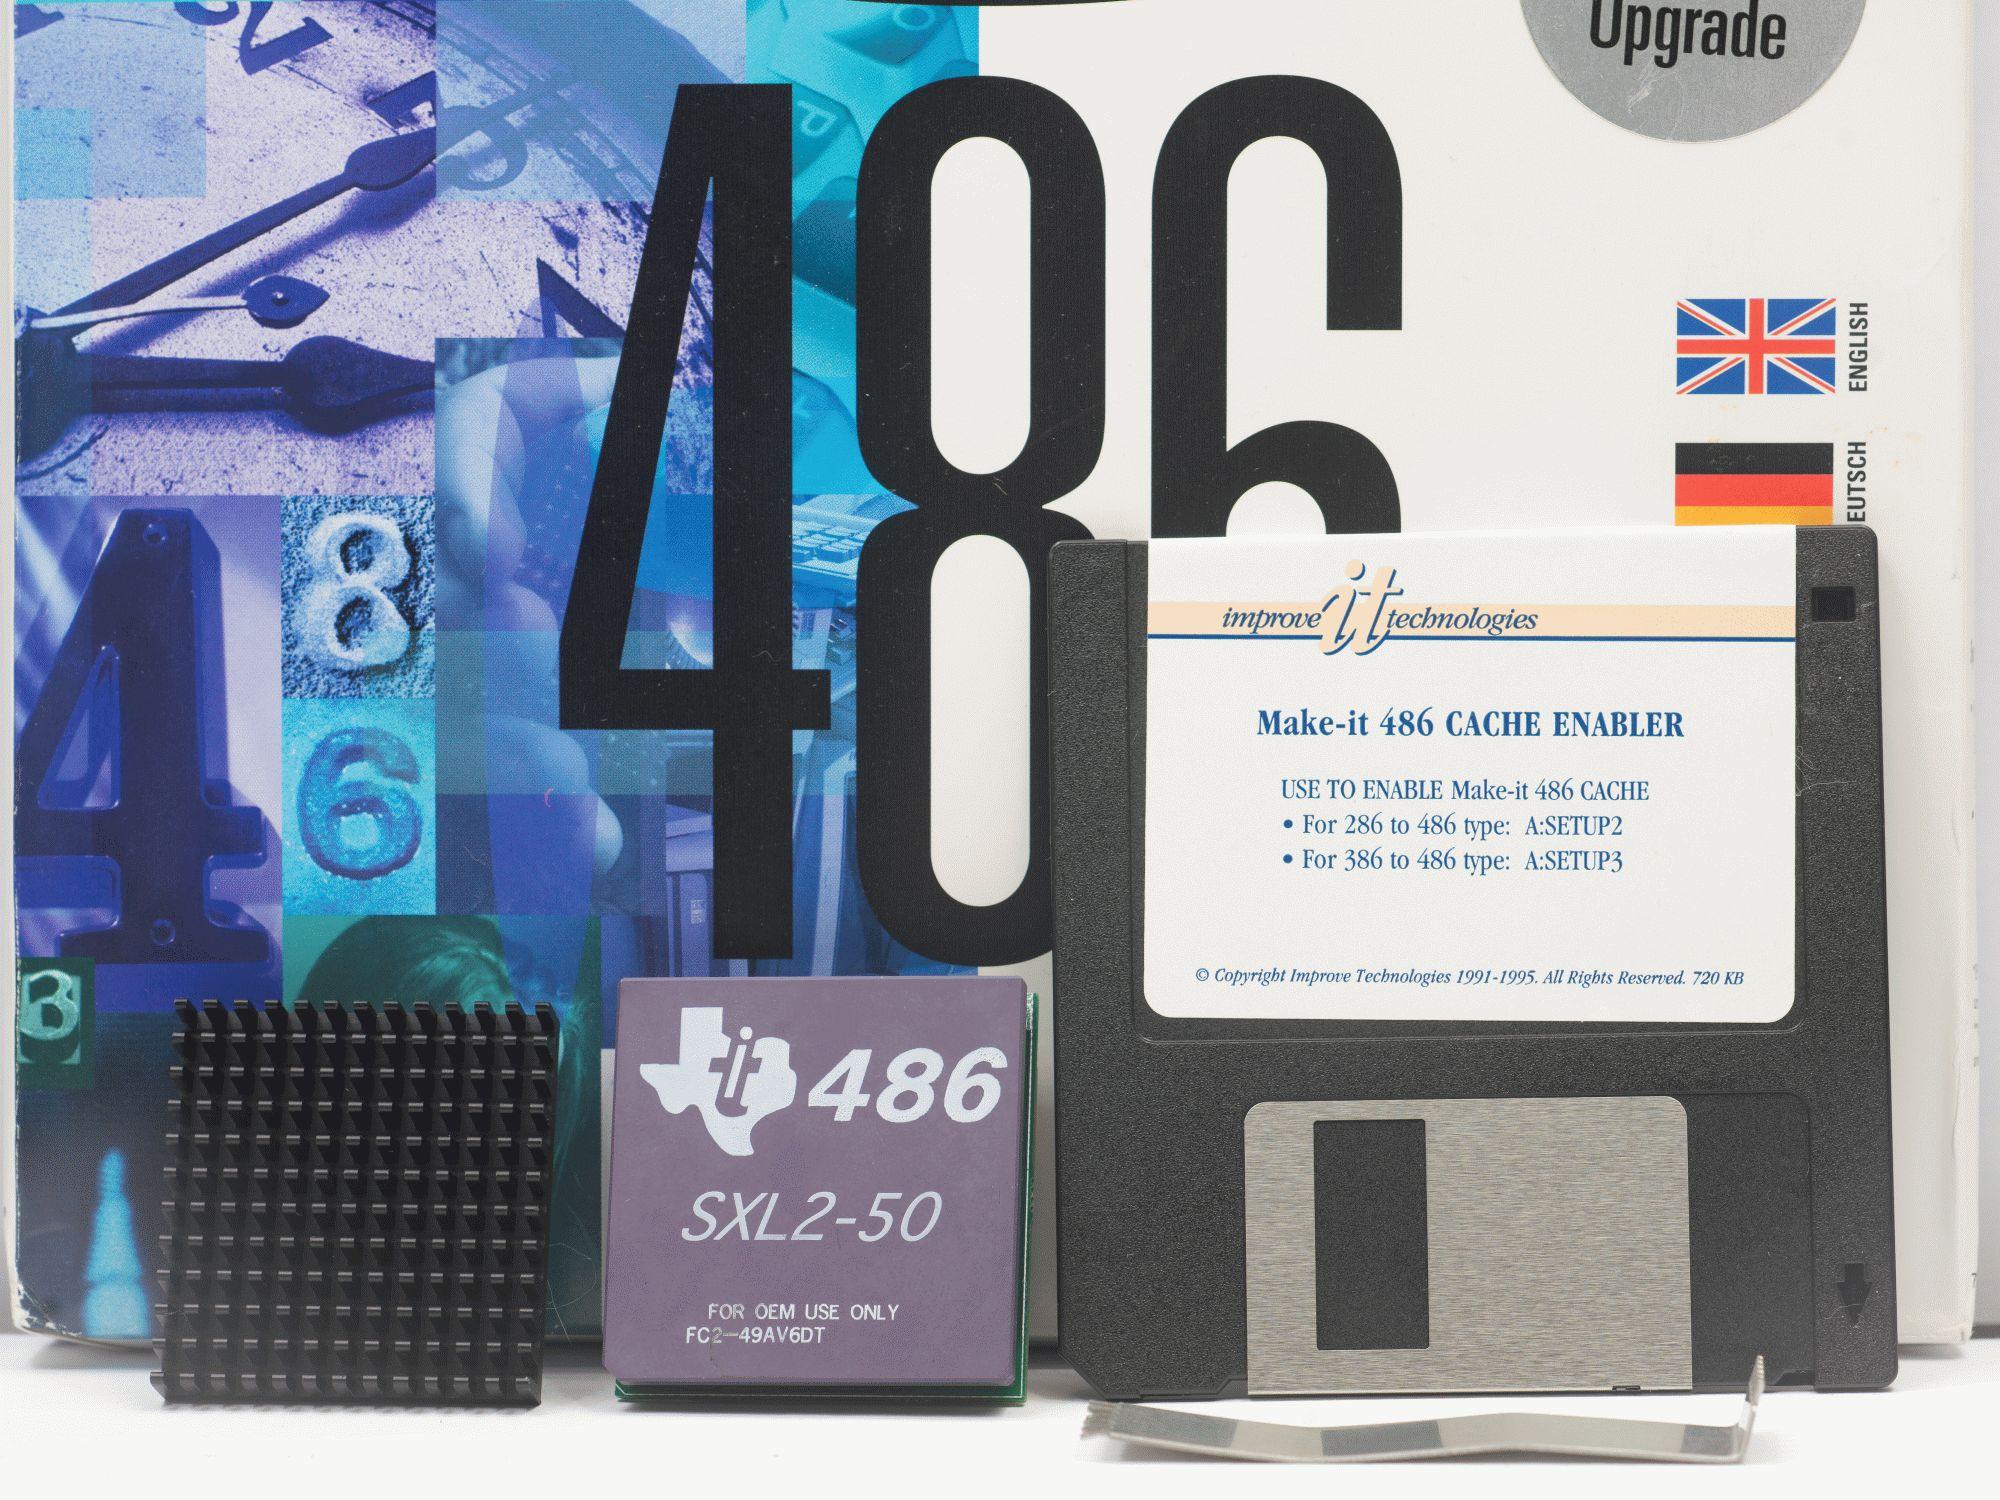 Древности: беспощадный апгрейд 386-го компьютера - 18